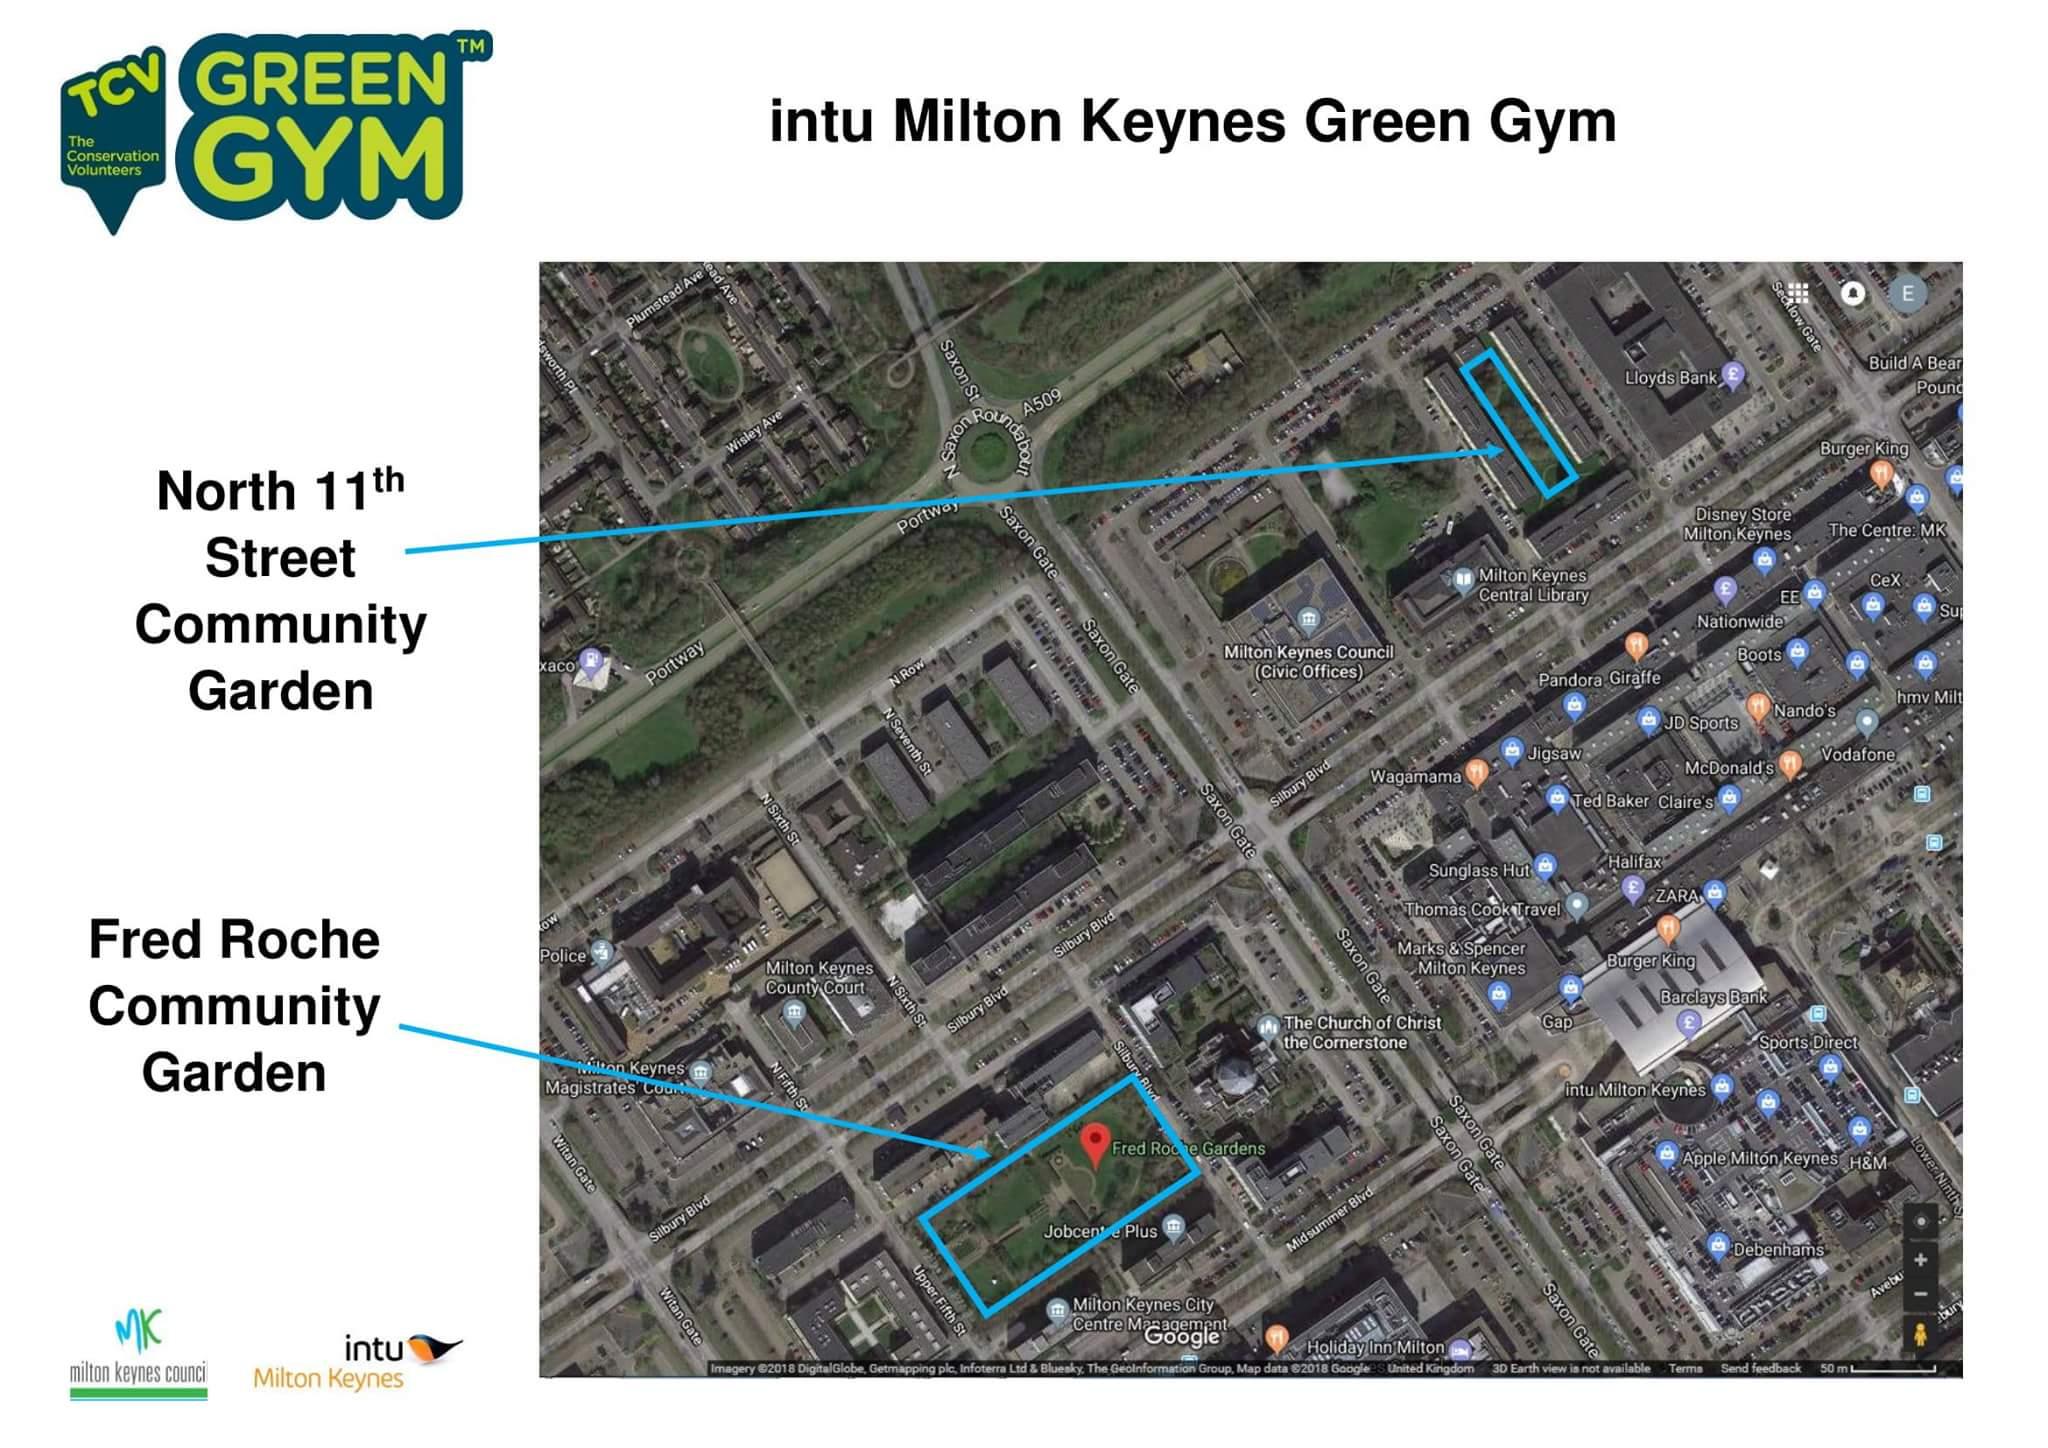 Intu Green gym